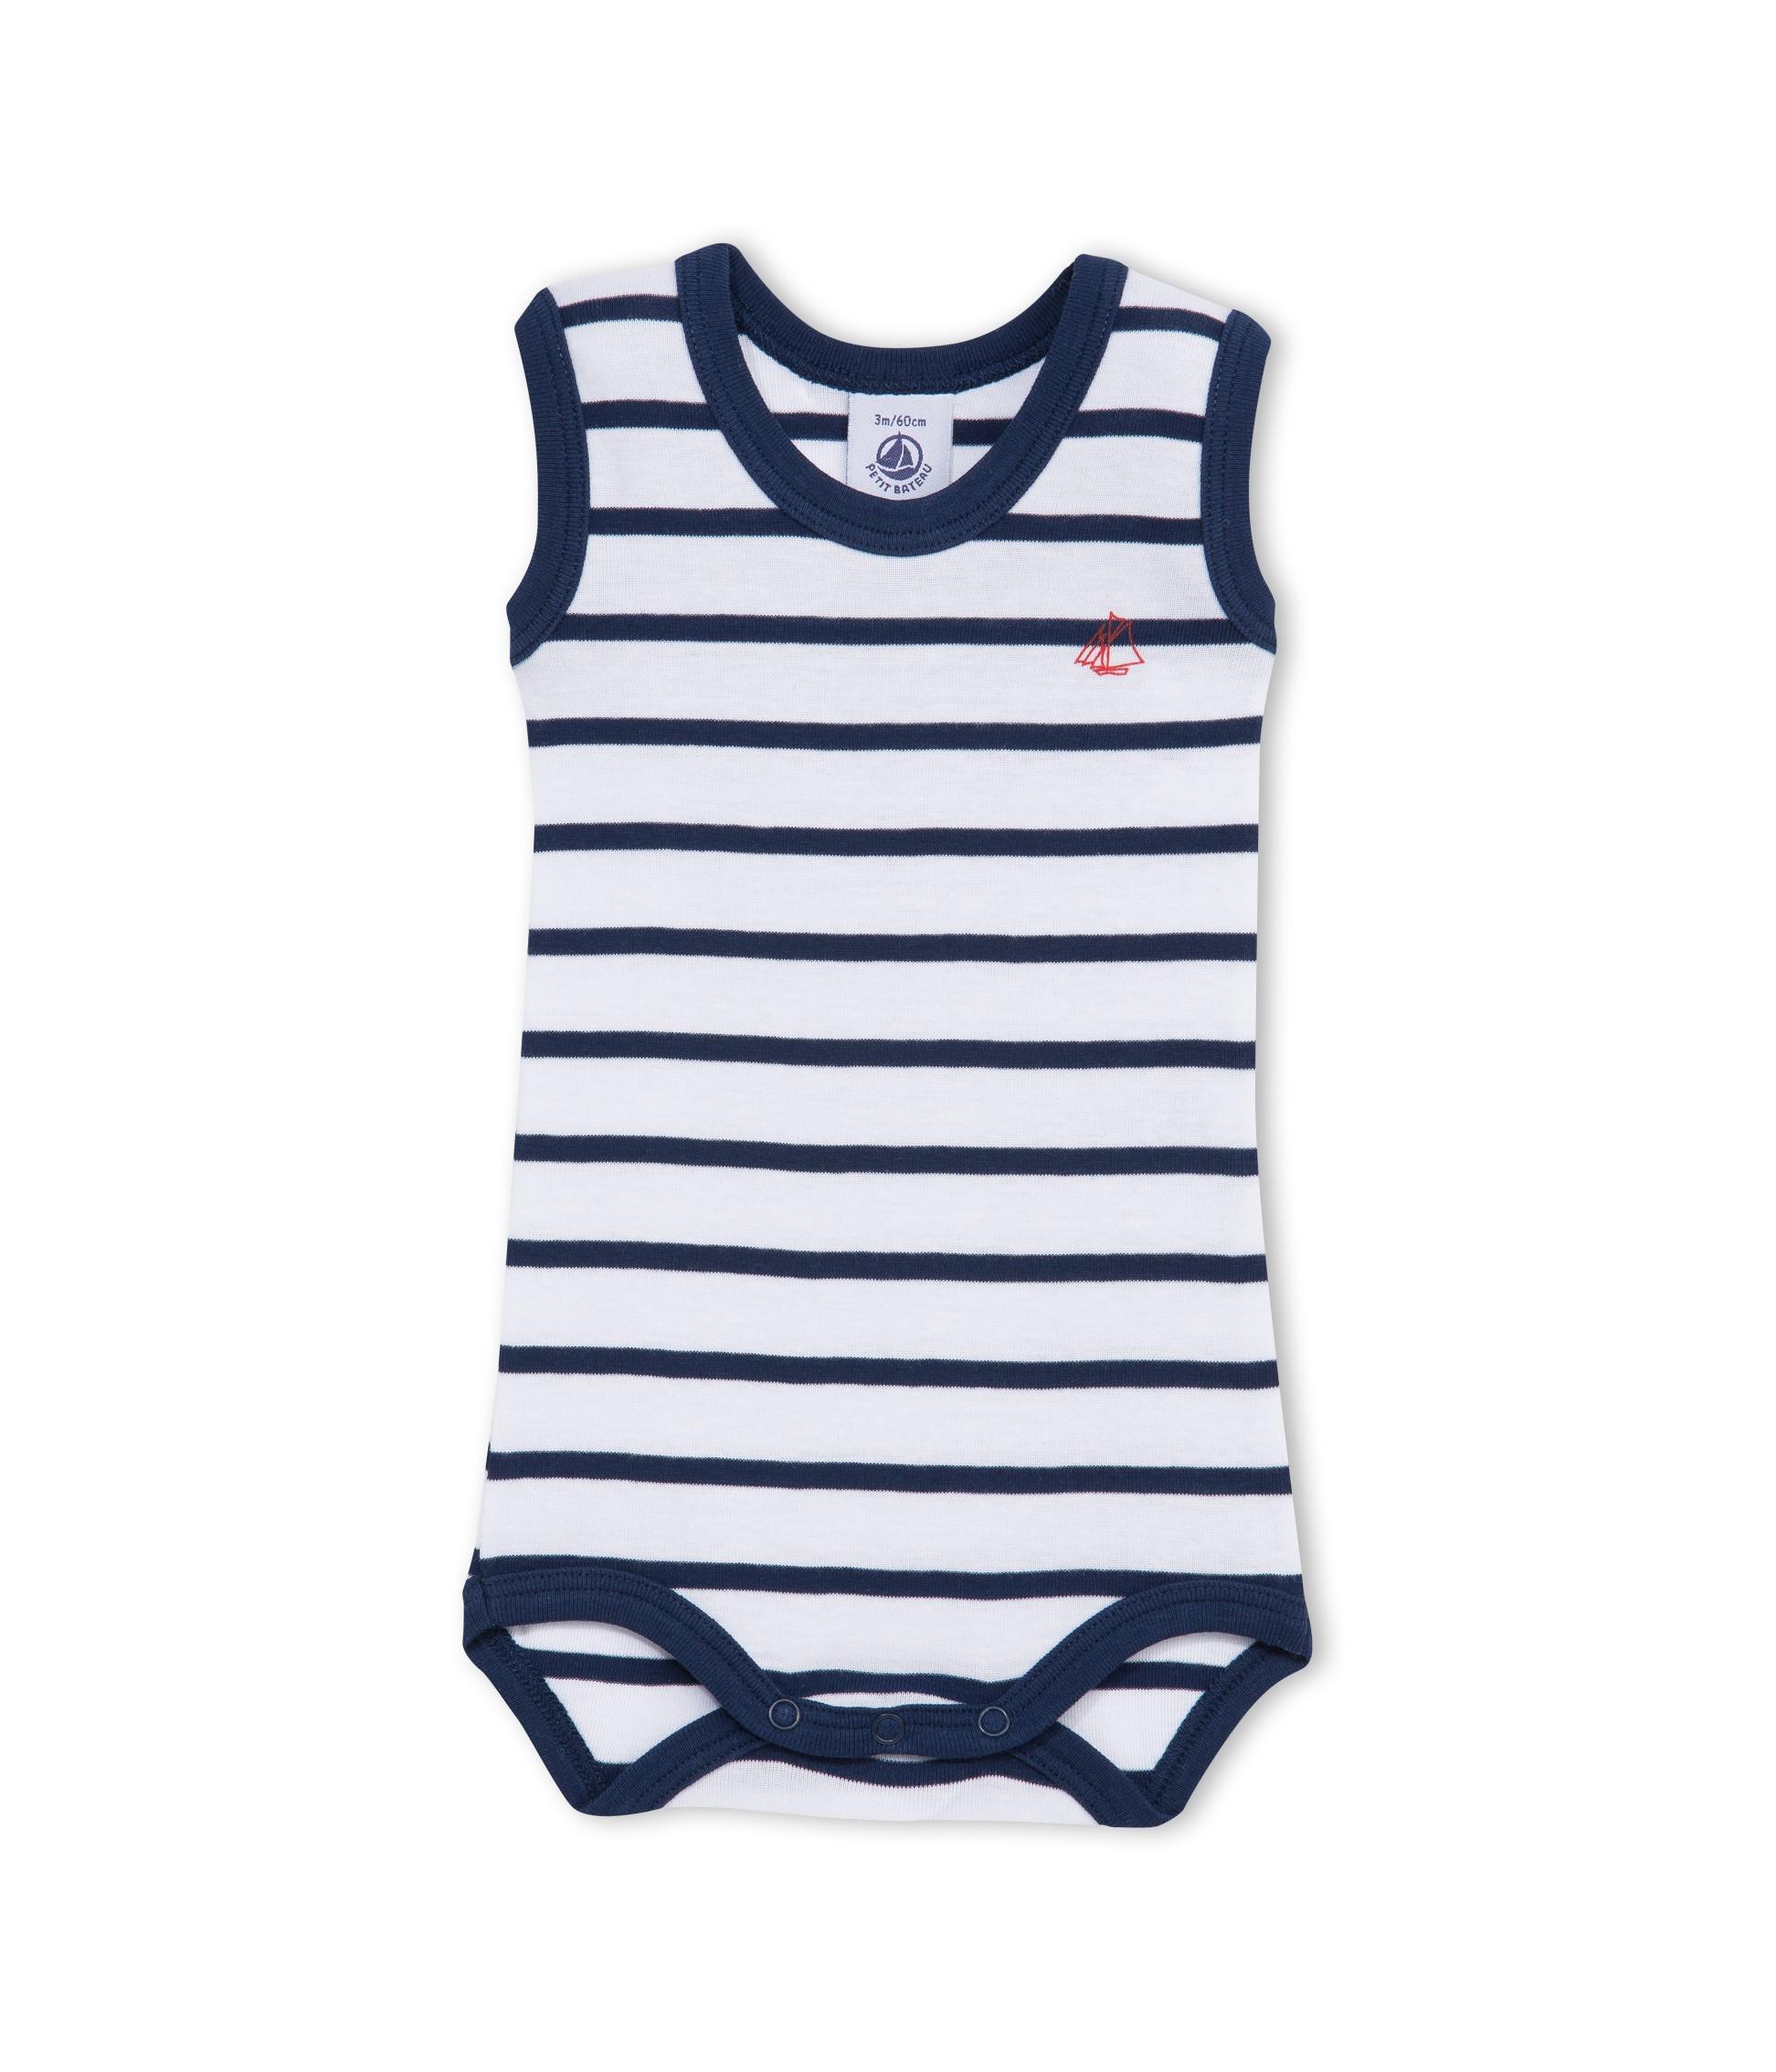 PETIT BATEAU body sans manches bébé garçon blanc   bleu rayé marinière 058d3279a17